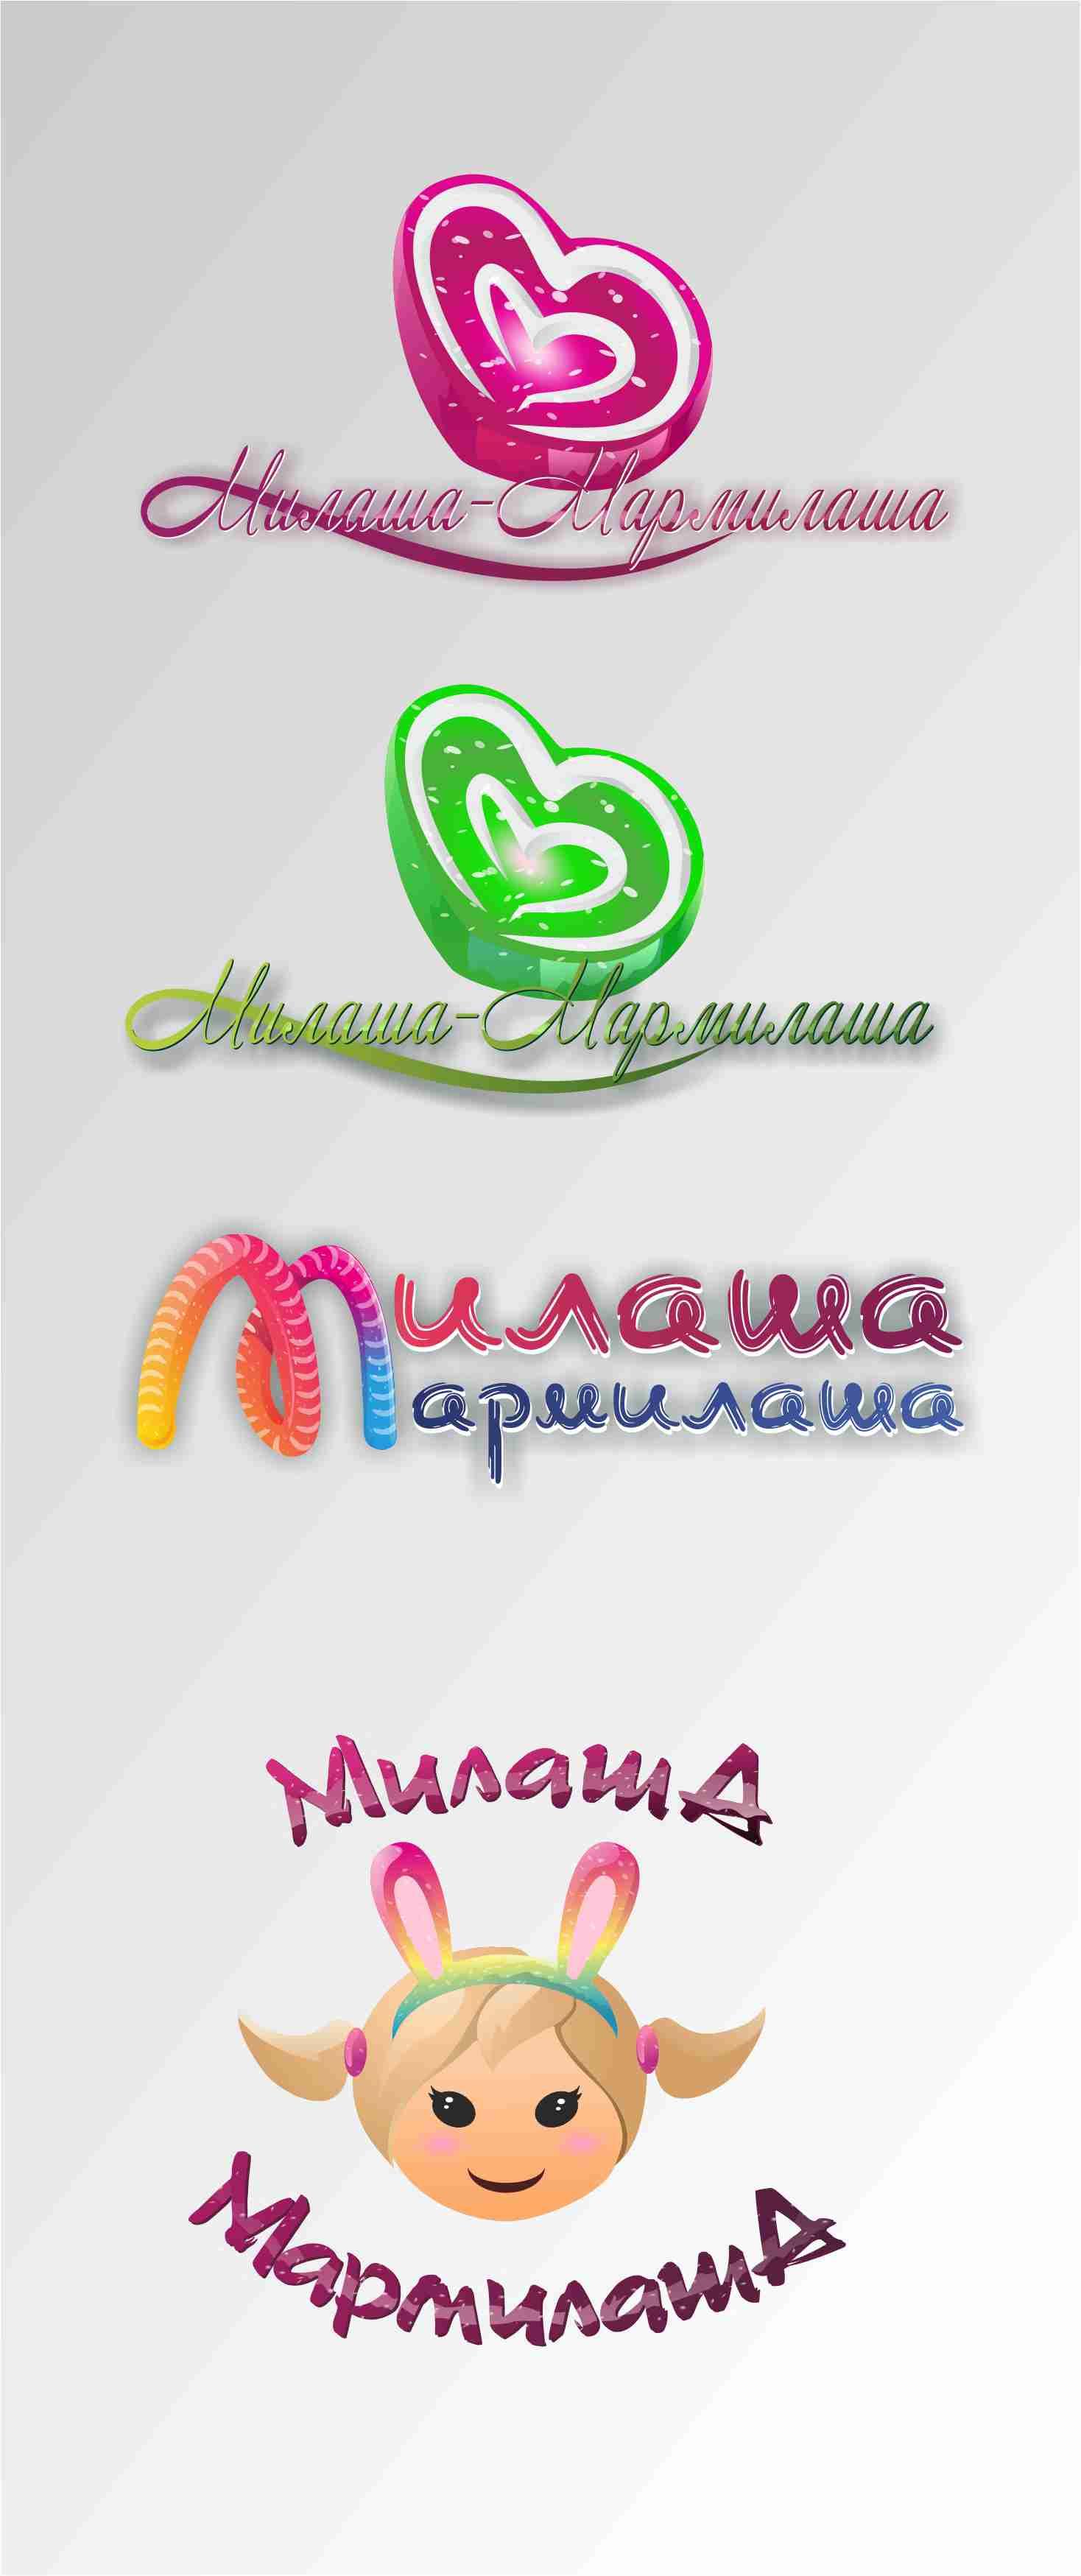 """Логотип для товарного знака """"Милаша-Мармилаша"""" фото f_81258753e4b66213.jpg"""